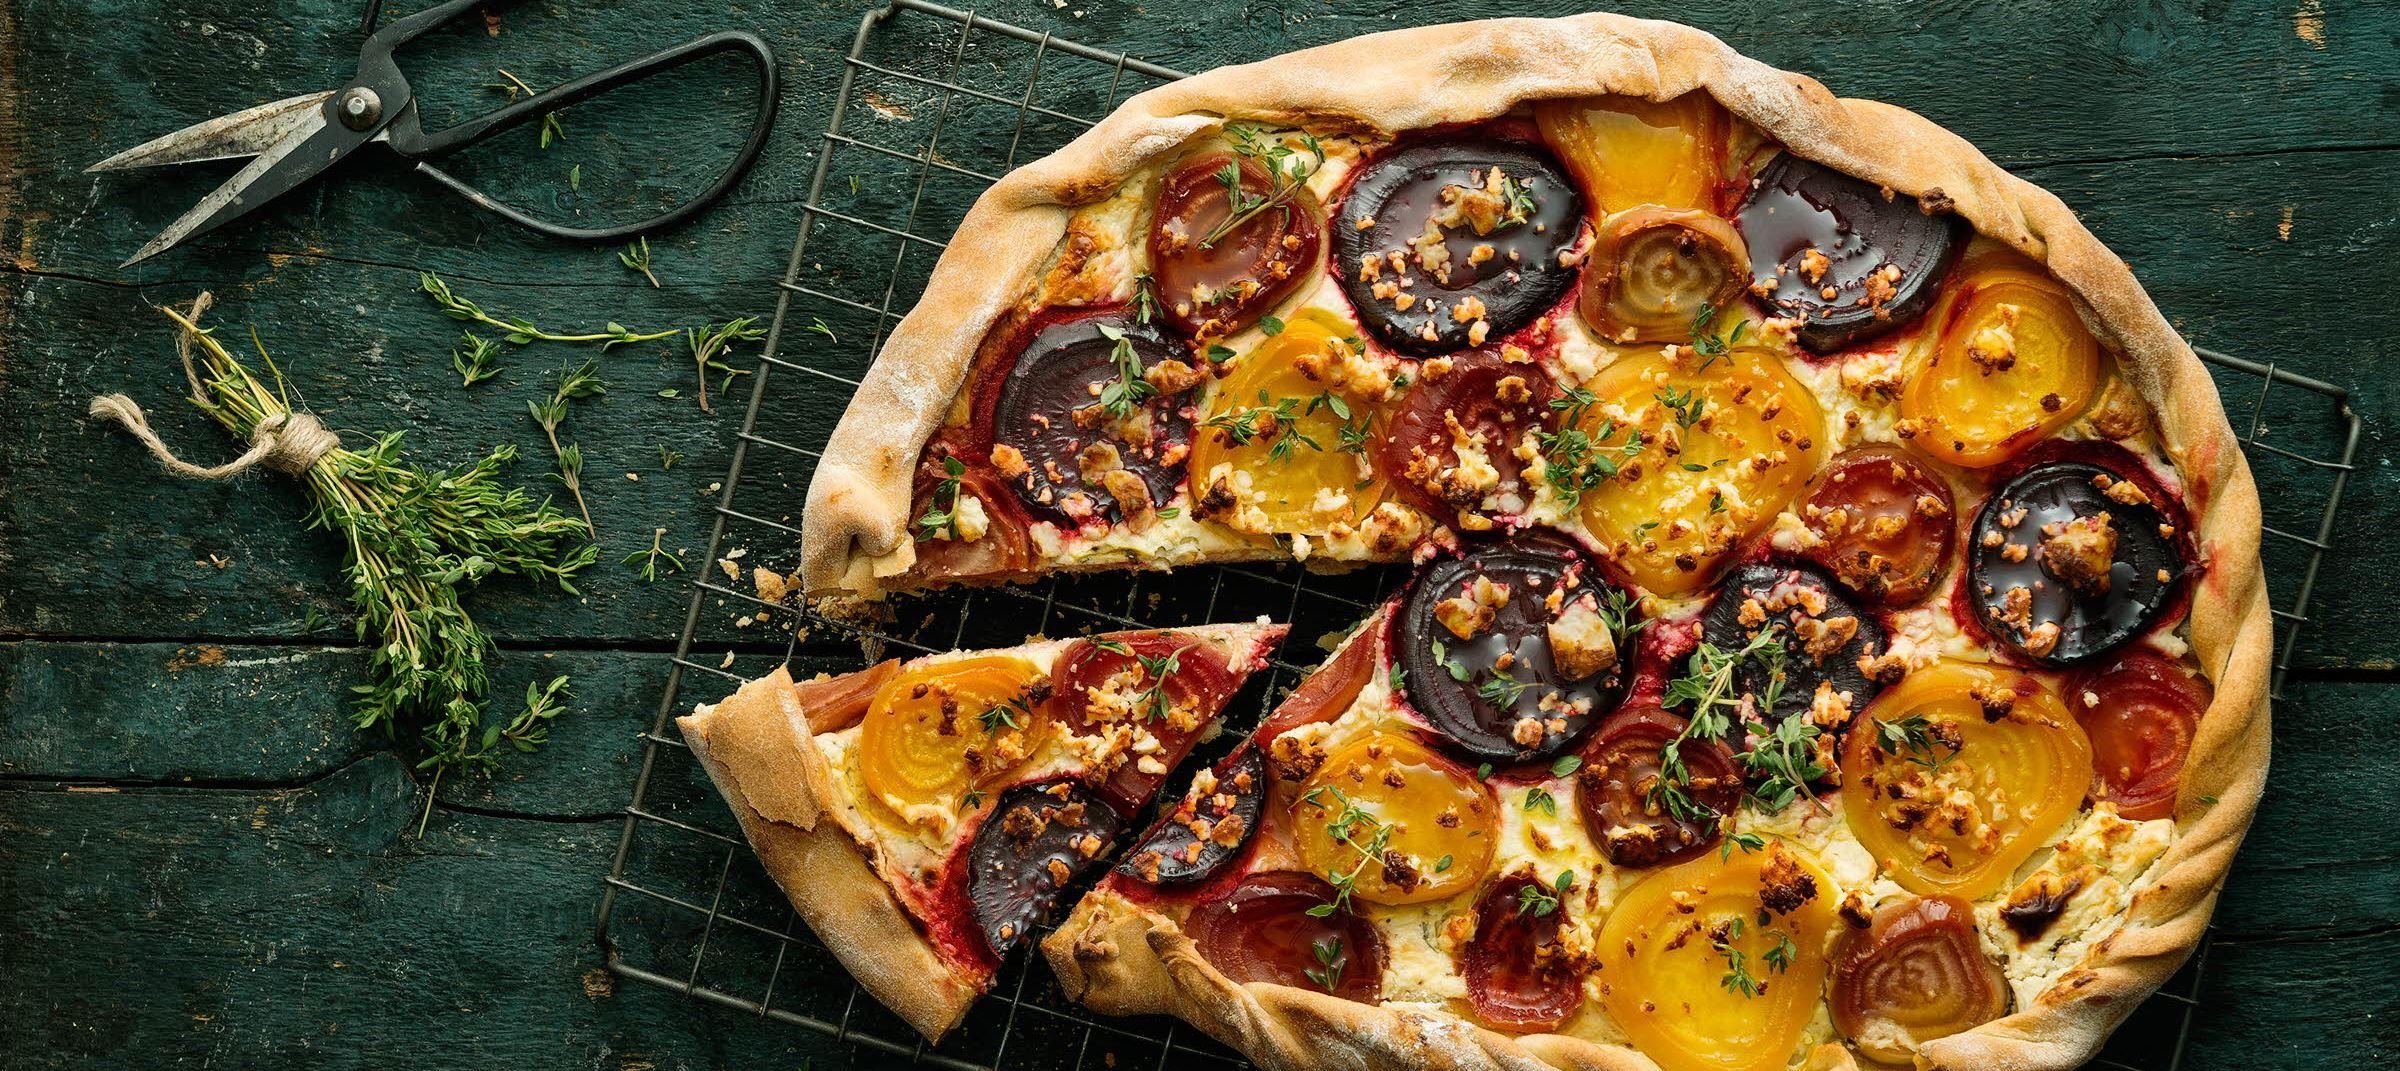 Pizzatærte med farverige beder